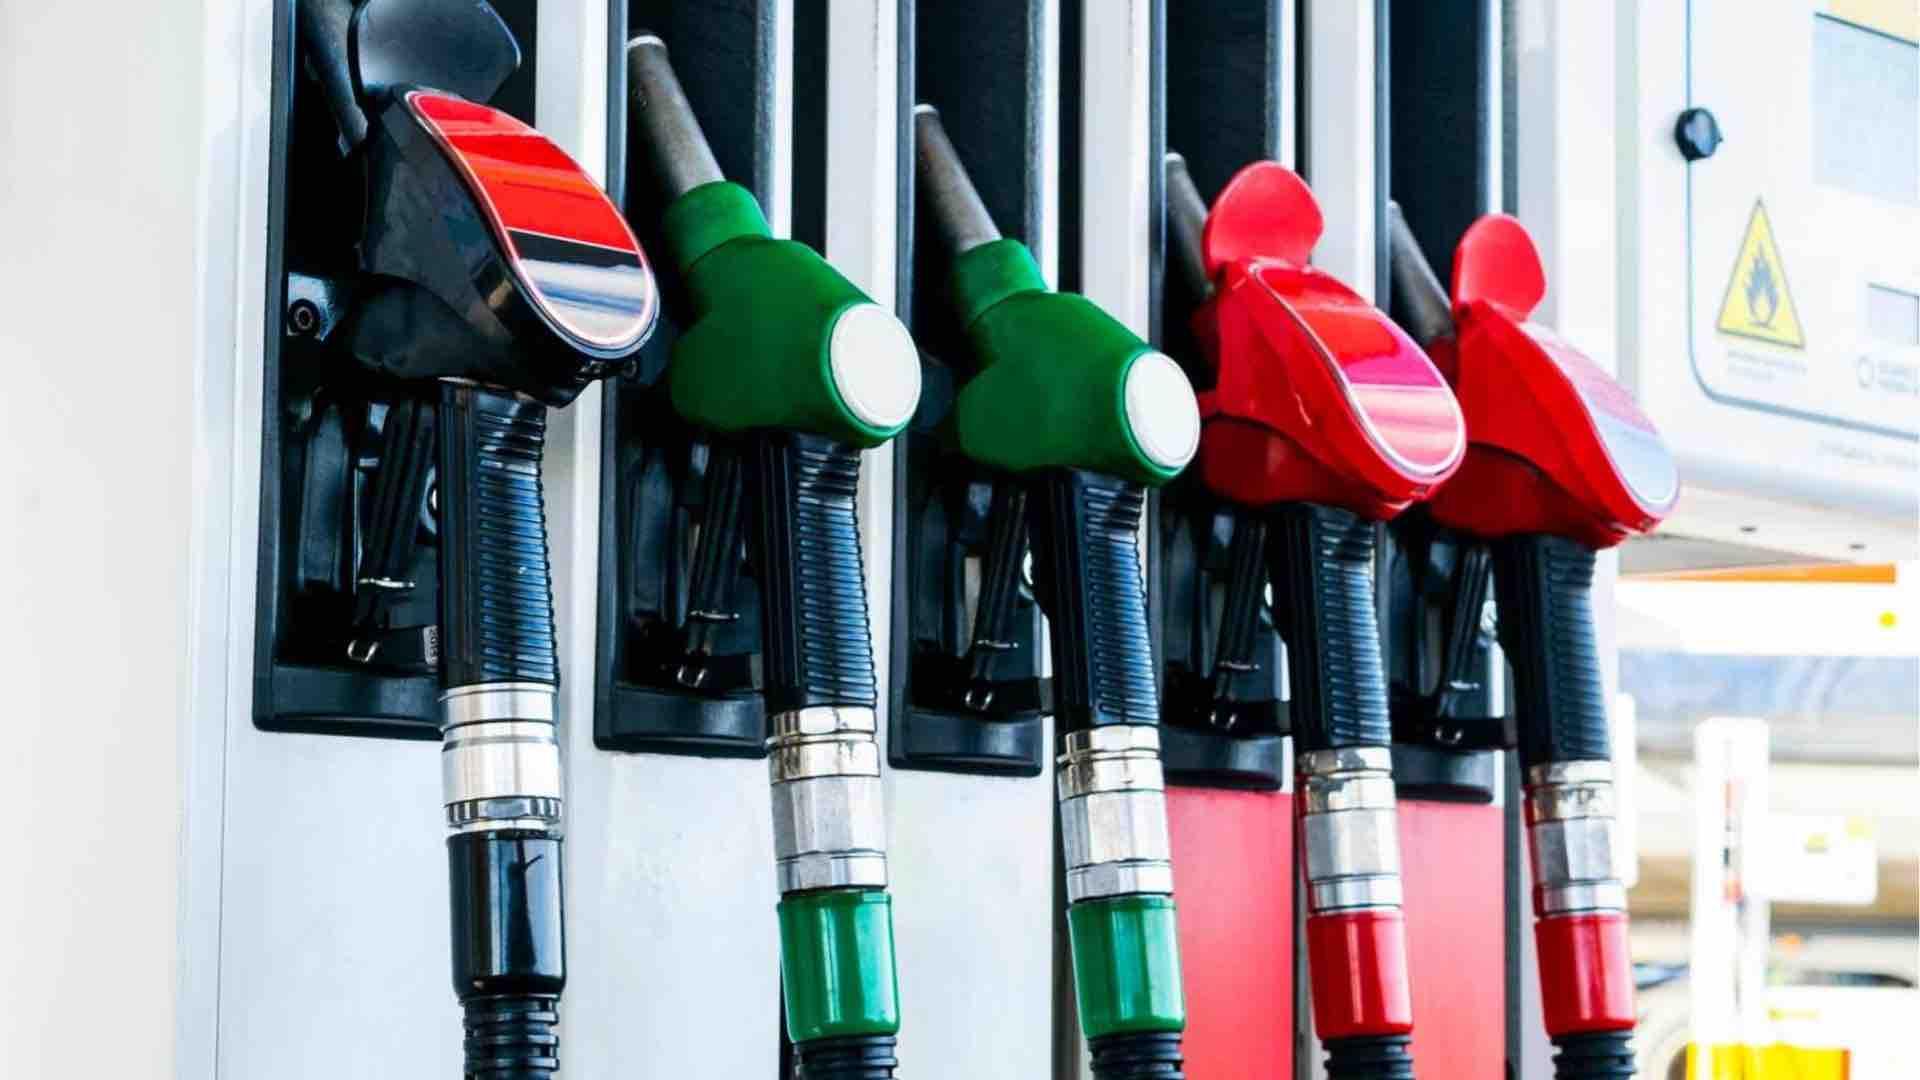 Valori indicativi di riferimento dei costi di esercizio. Dato del costo del gasolio del mese di Luglio 2021.